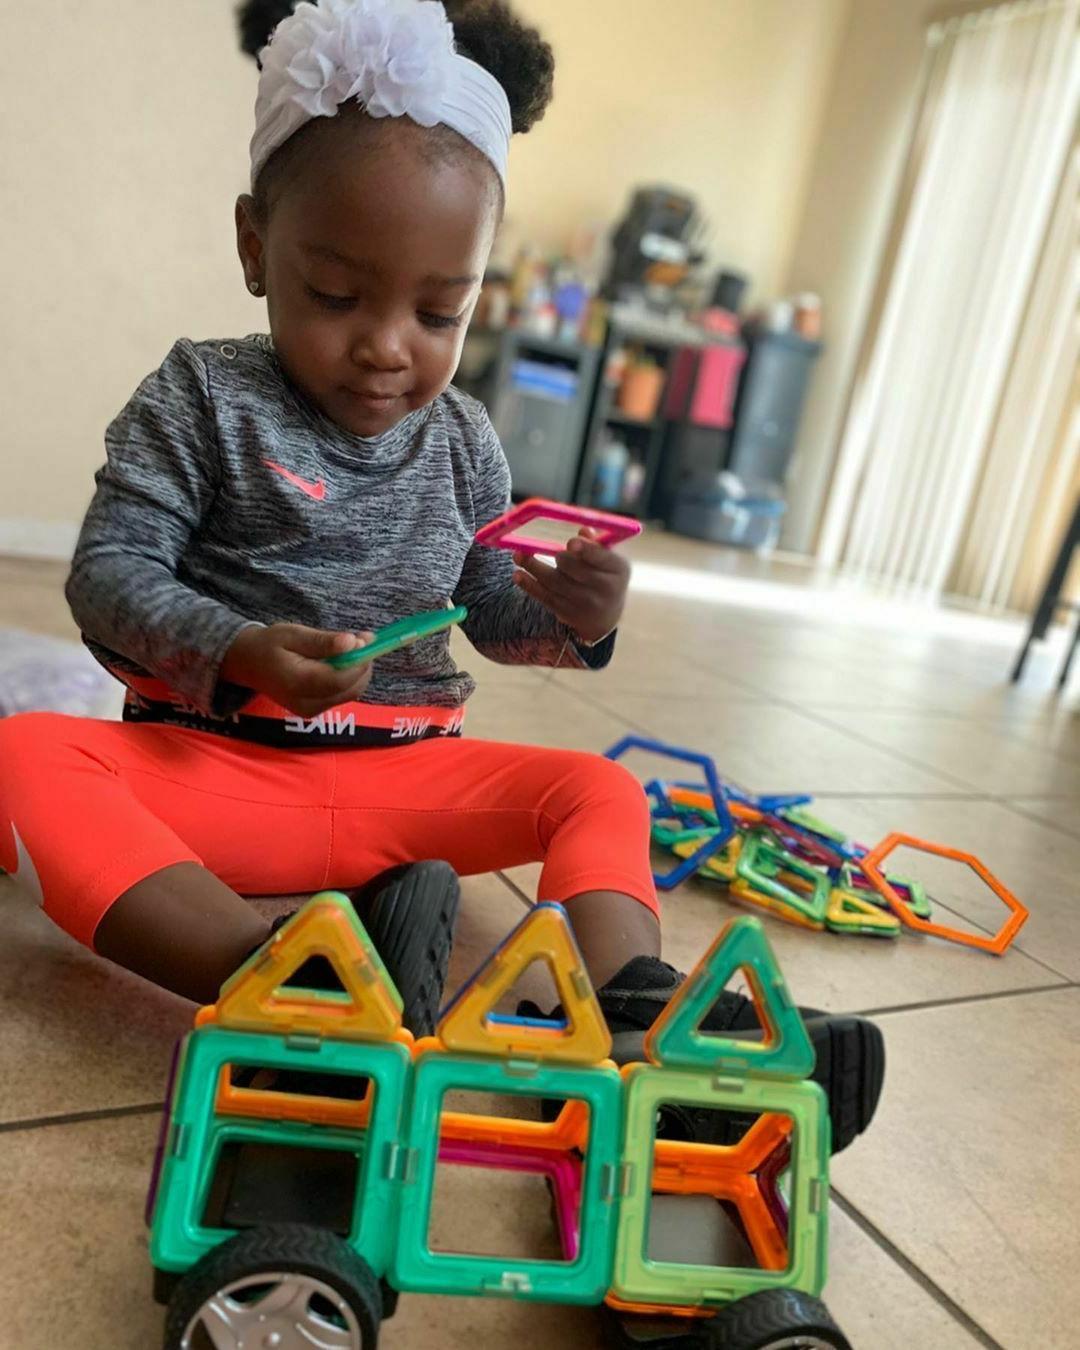 Best STEM Toys for Boys Girls Kids 5 6 7 9 Old